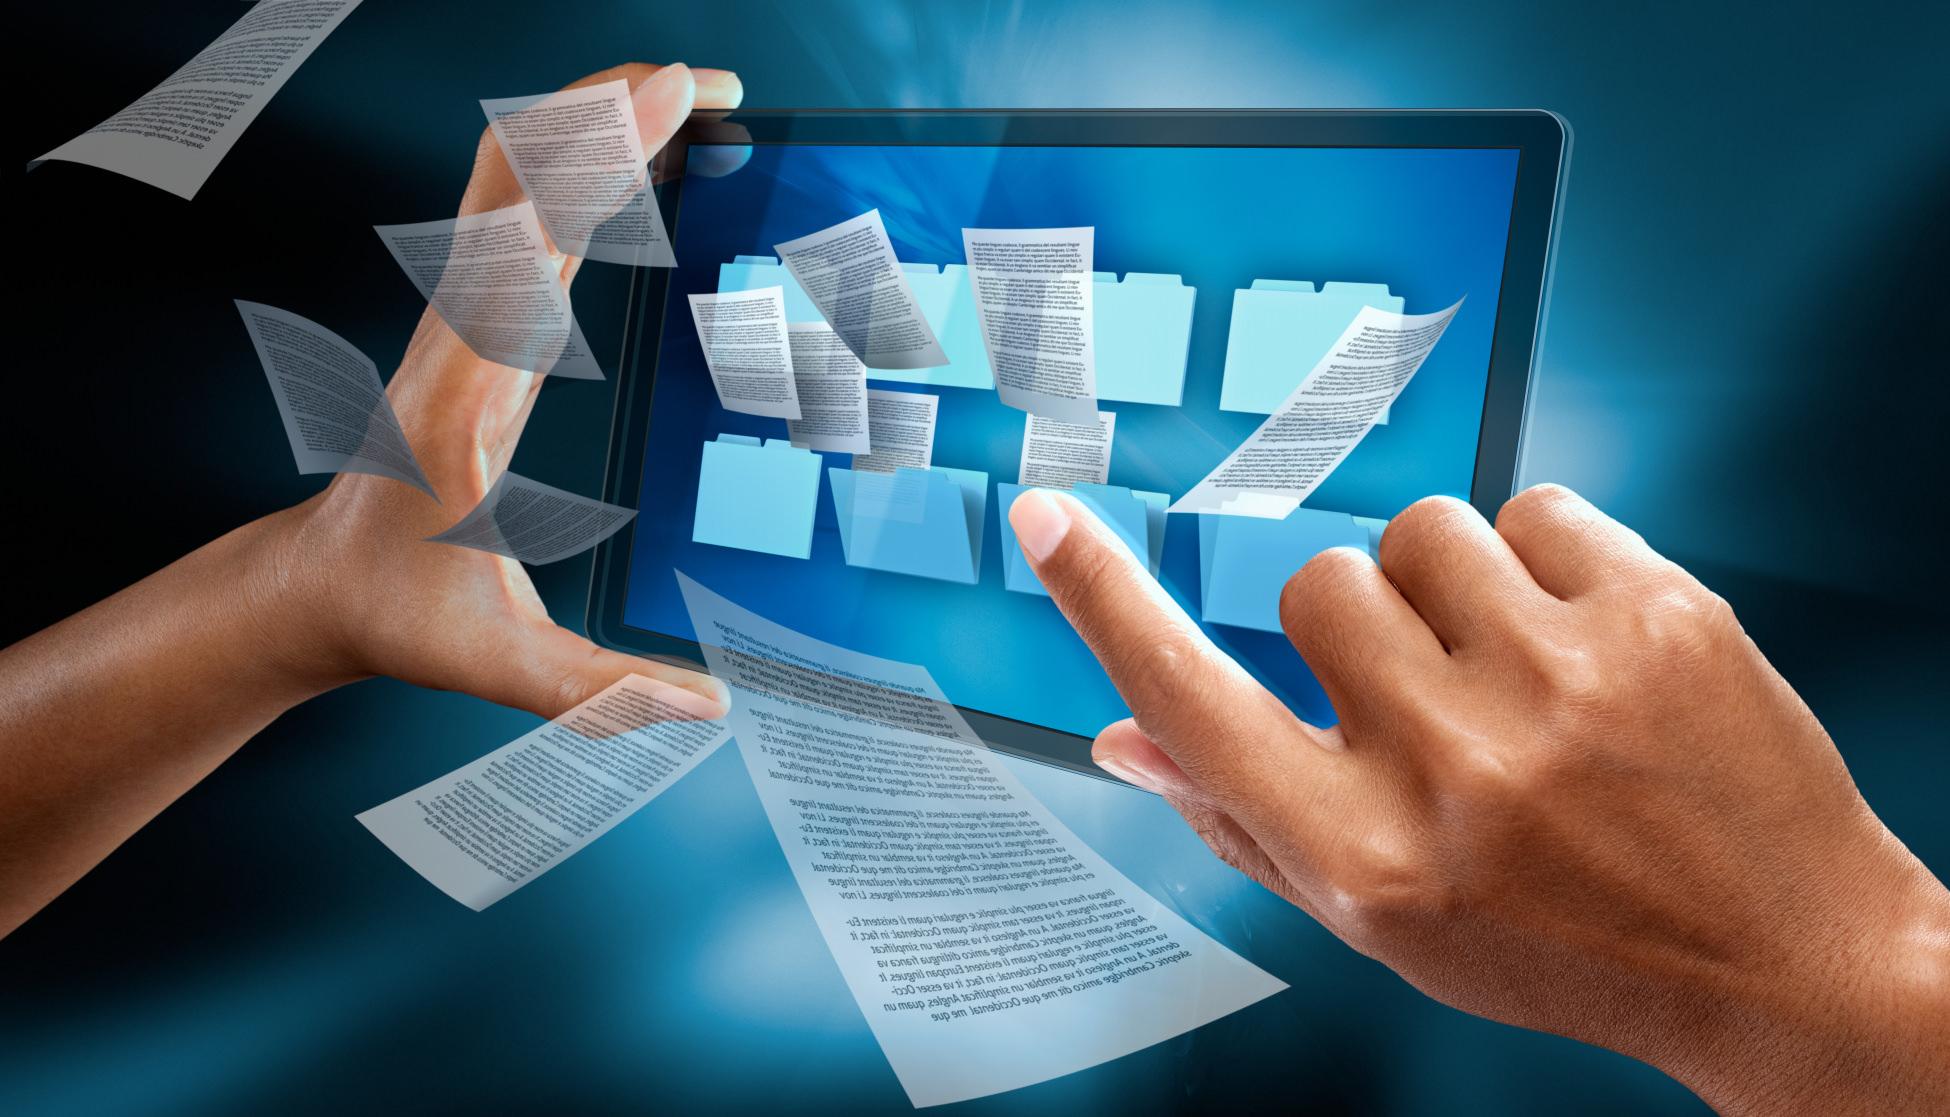 [Из песочницы] Как мы искали замену MS Word, а вместо этого внедрили новый процесс управления документами